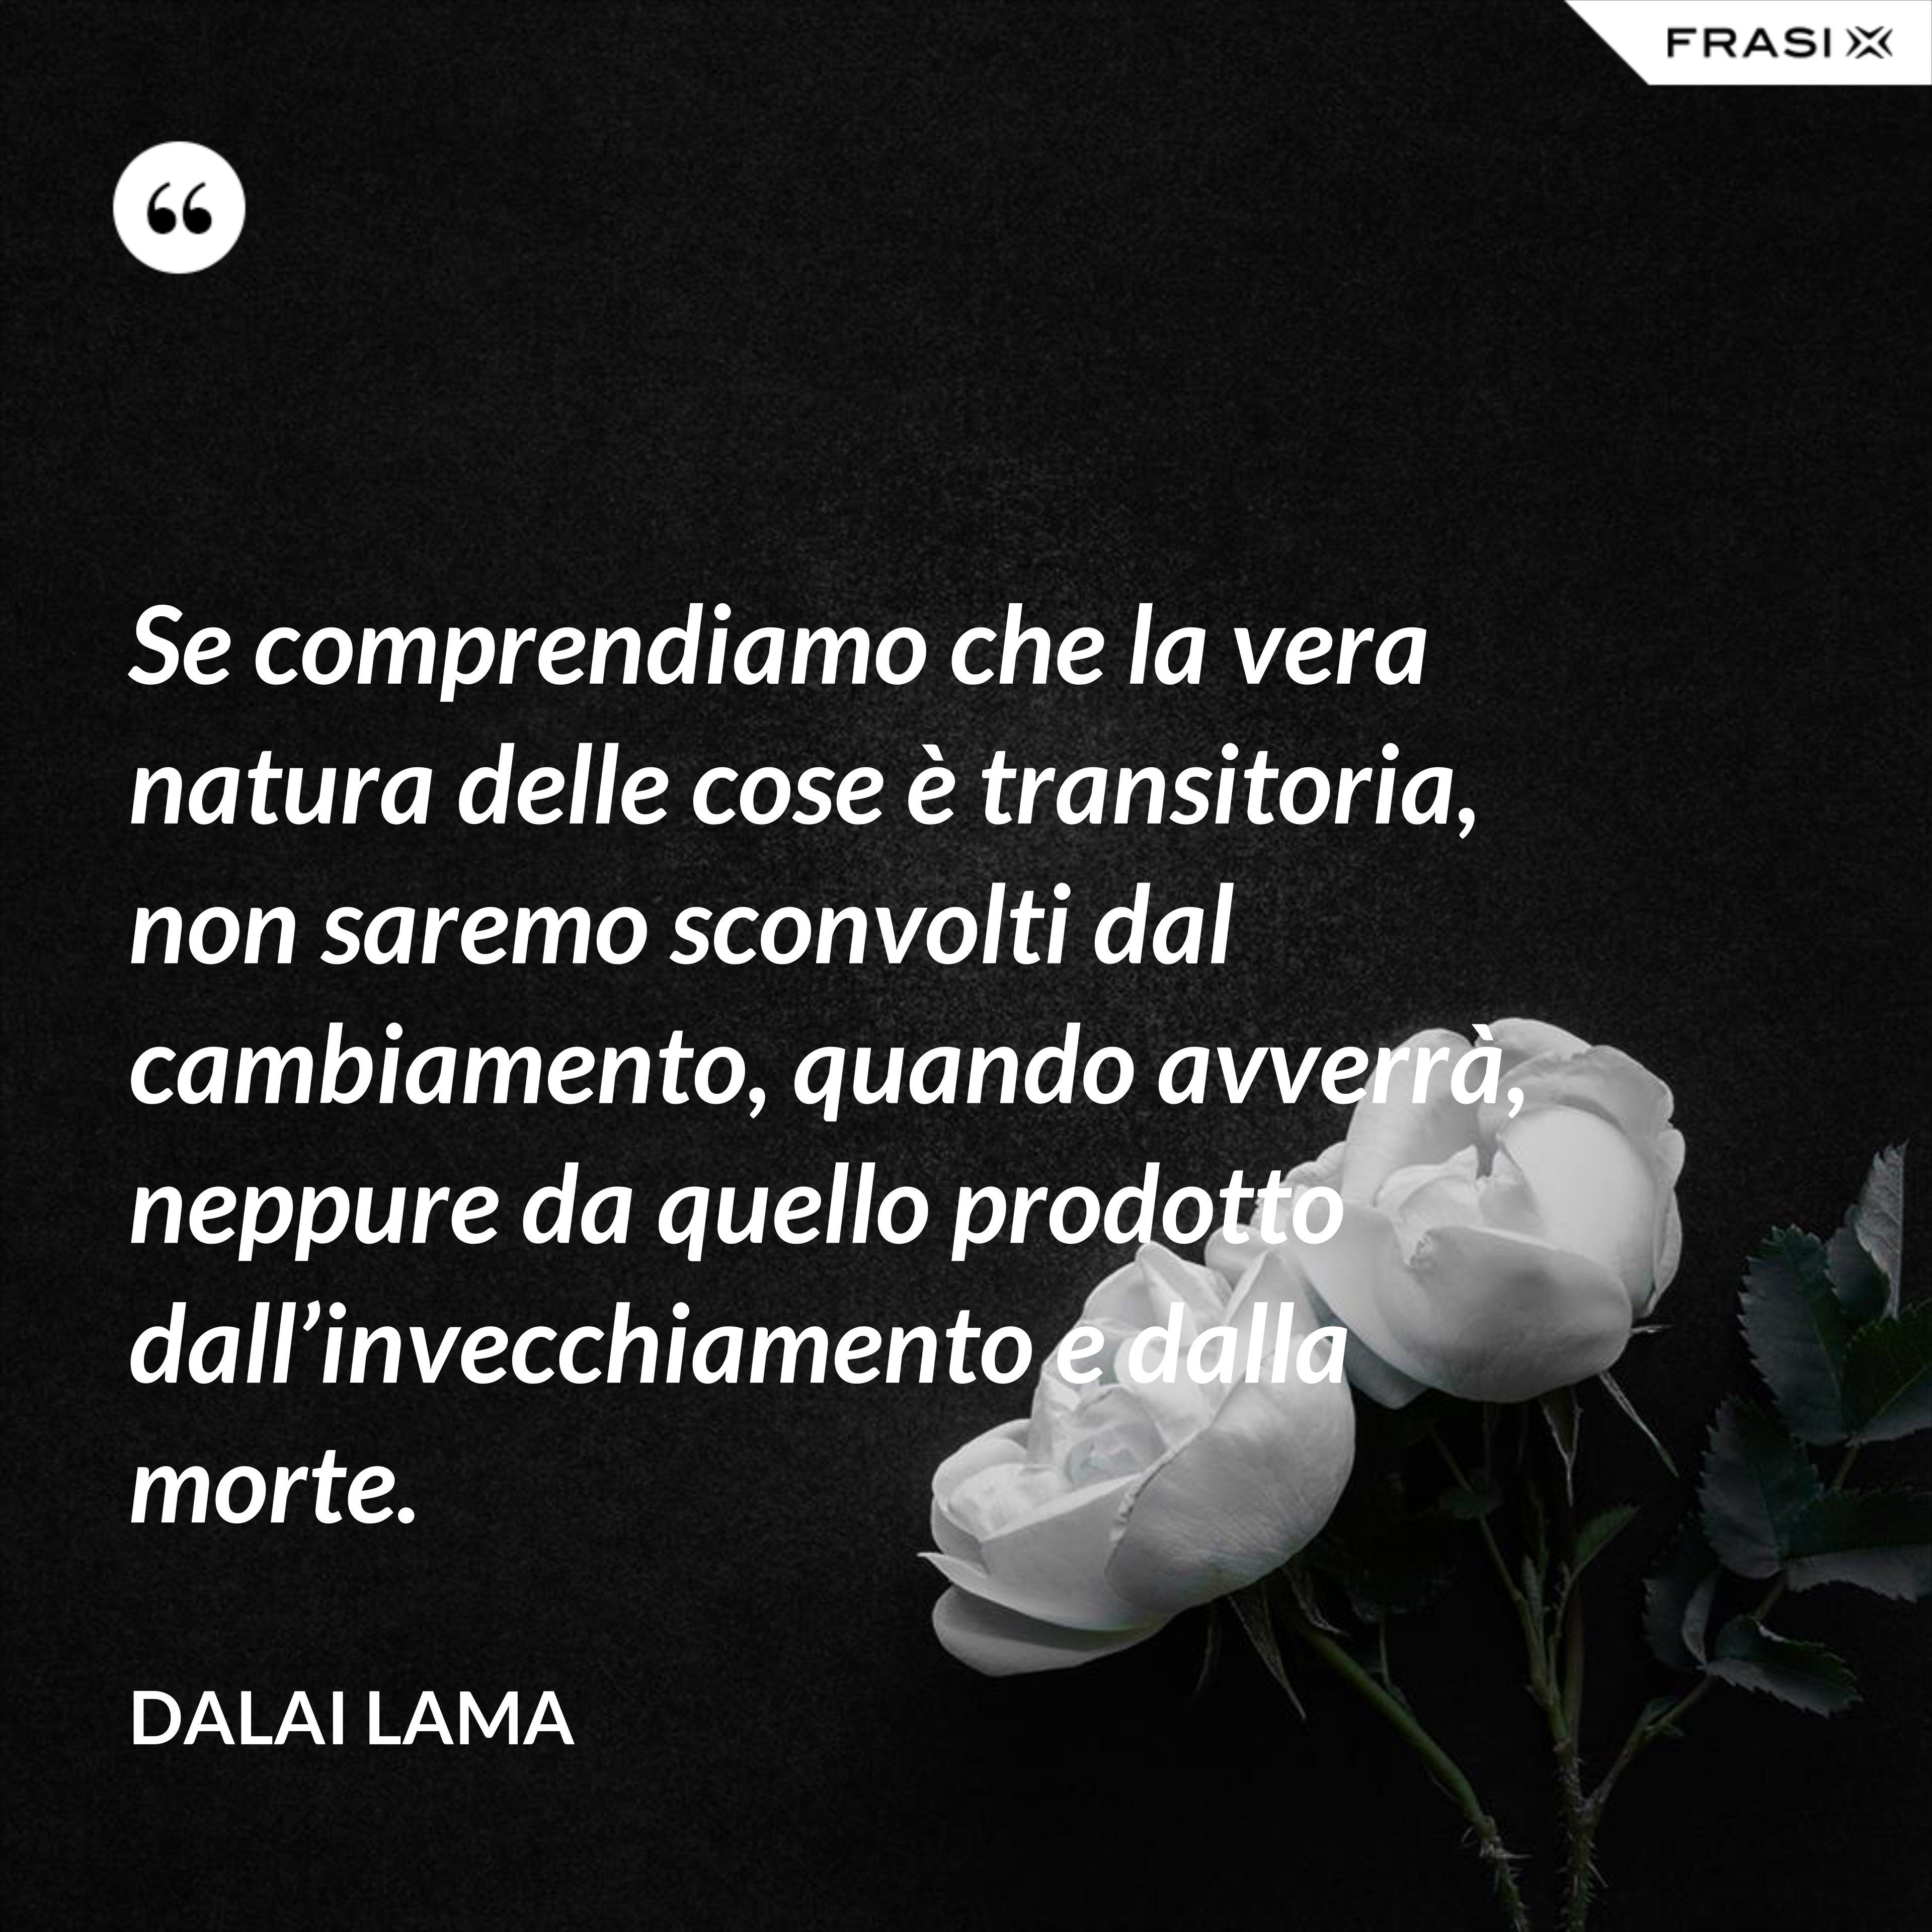 Se comprendiamo che la vera natura delle cose è transitoria, non saremo sconvolti dal cambiamento, quando avverrà, neppure da quello prodotto dall'invecchiamento e dalla morte. - Dalai Lama